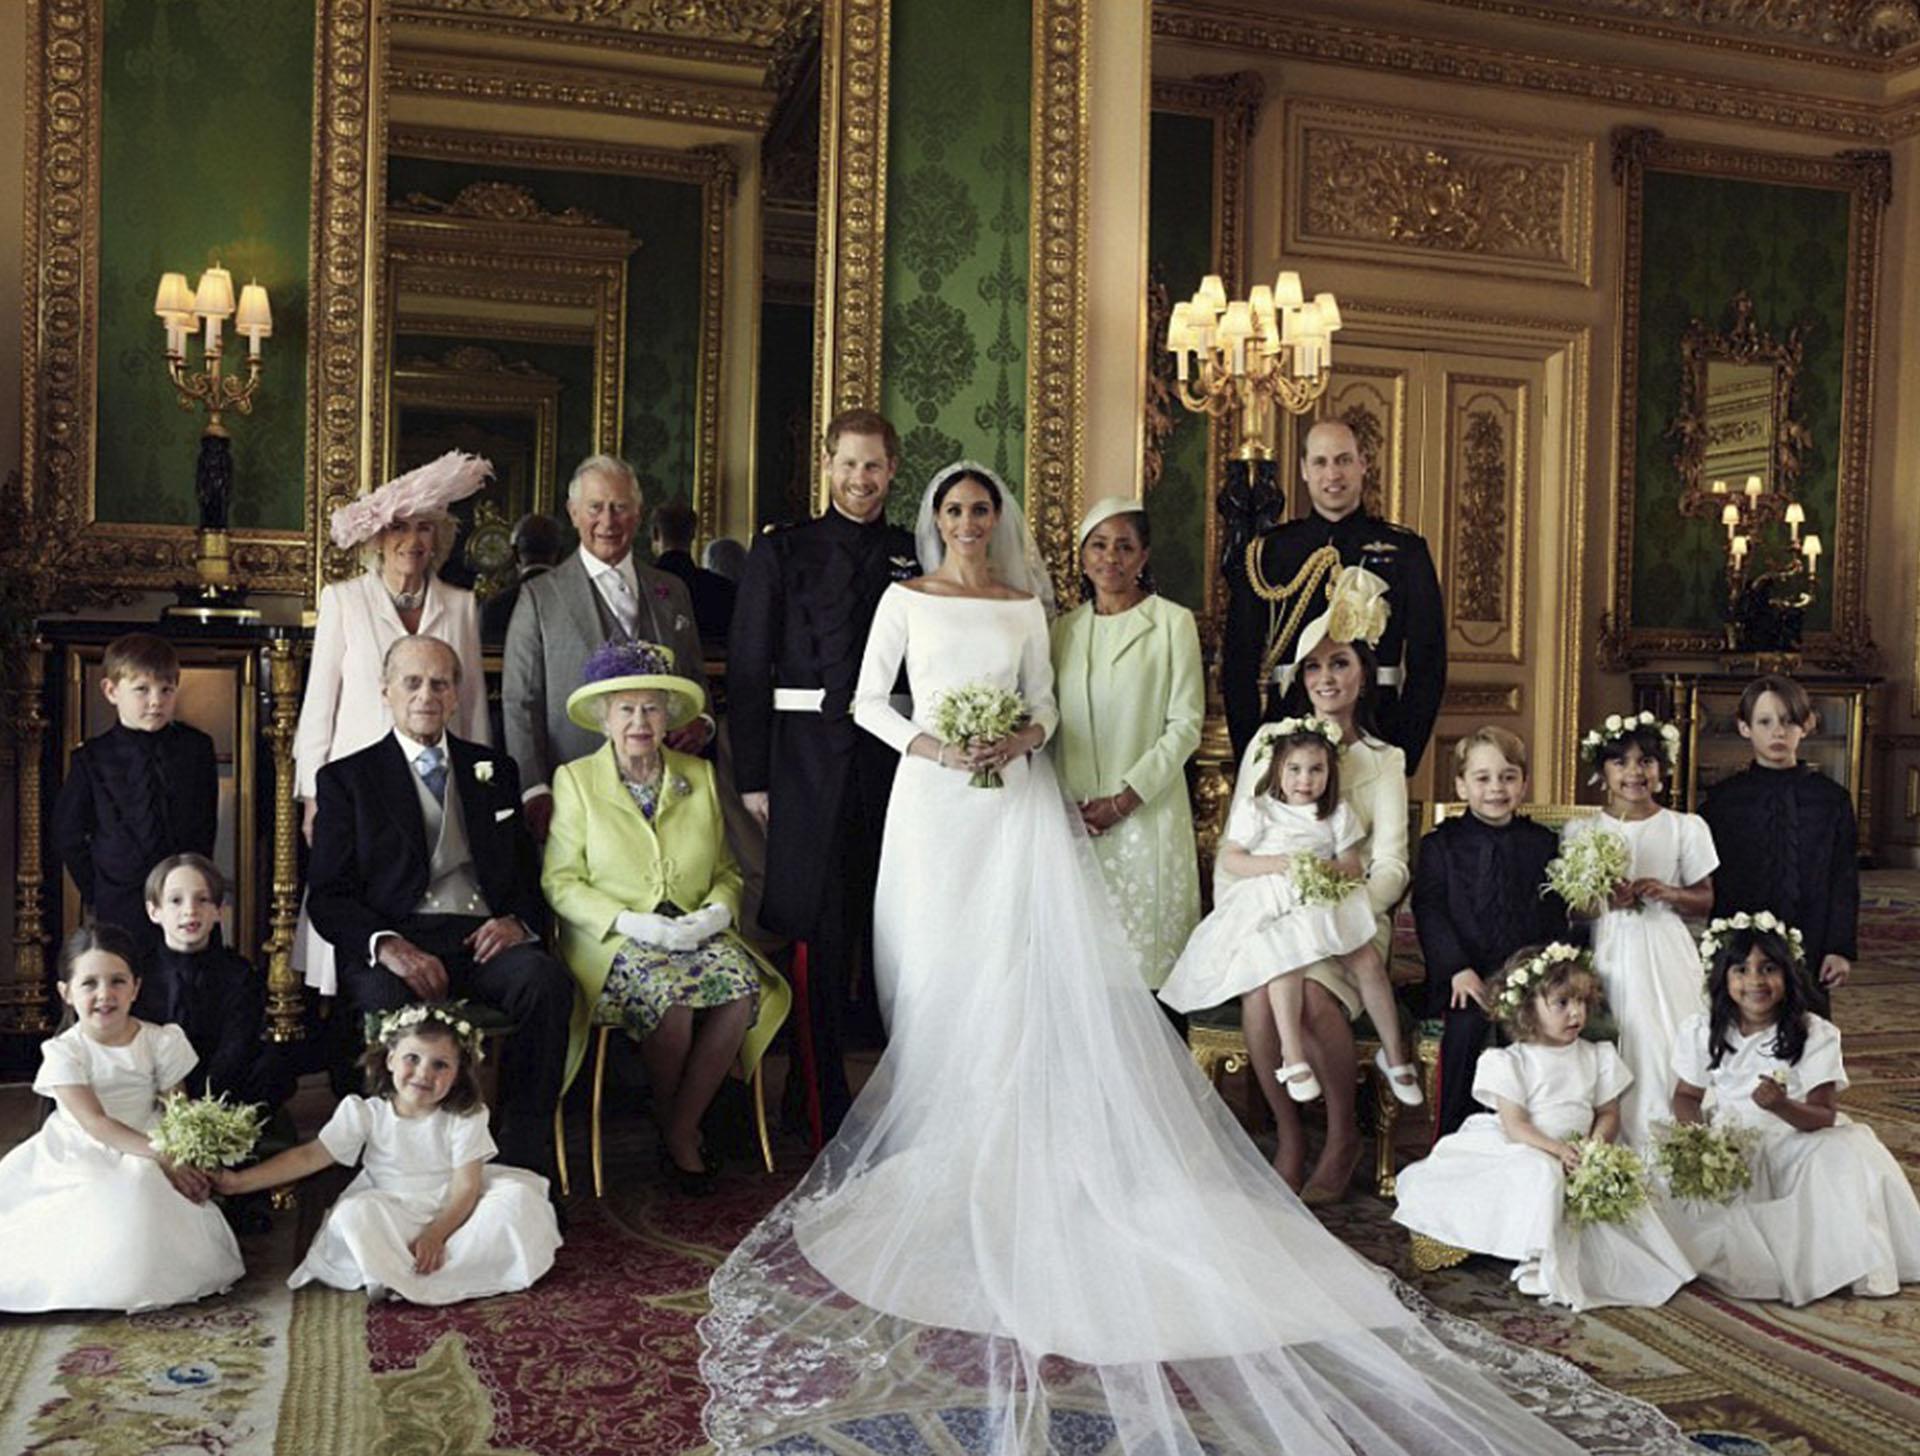 Los recién casados con la reina Isabel de Inglaterra, el príncipe Felipe, el príncipe Carlos con Camilla Parker-Bowles, la madre de Meghan, Doria, junto con Kate Middleton y William con George y Charlotte